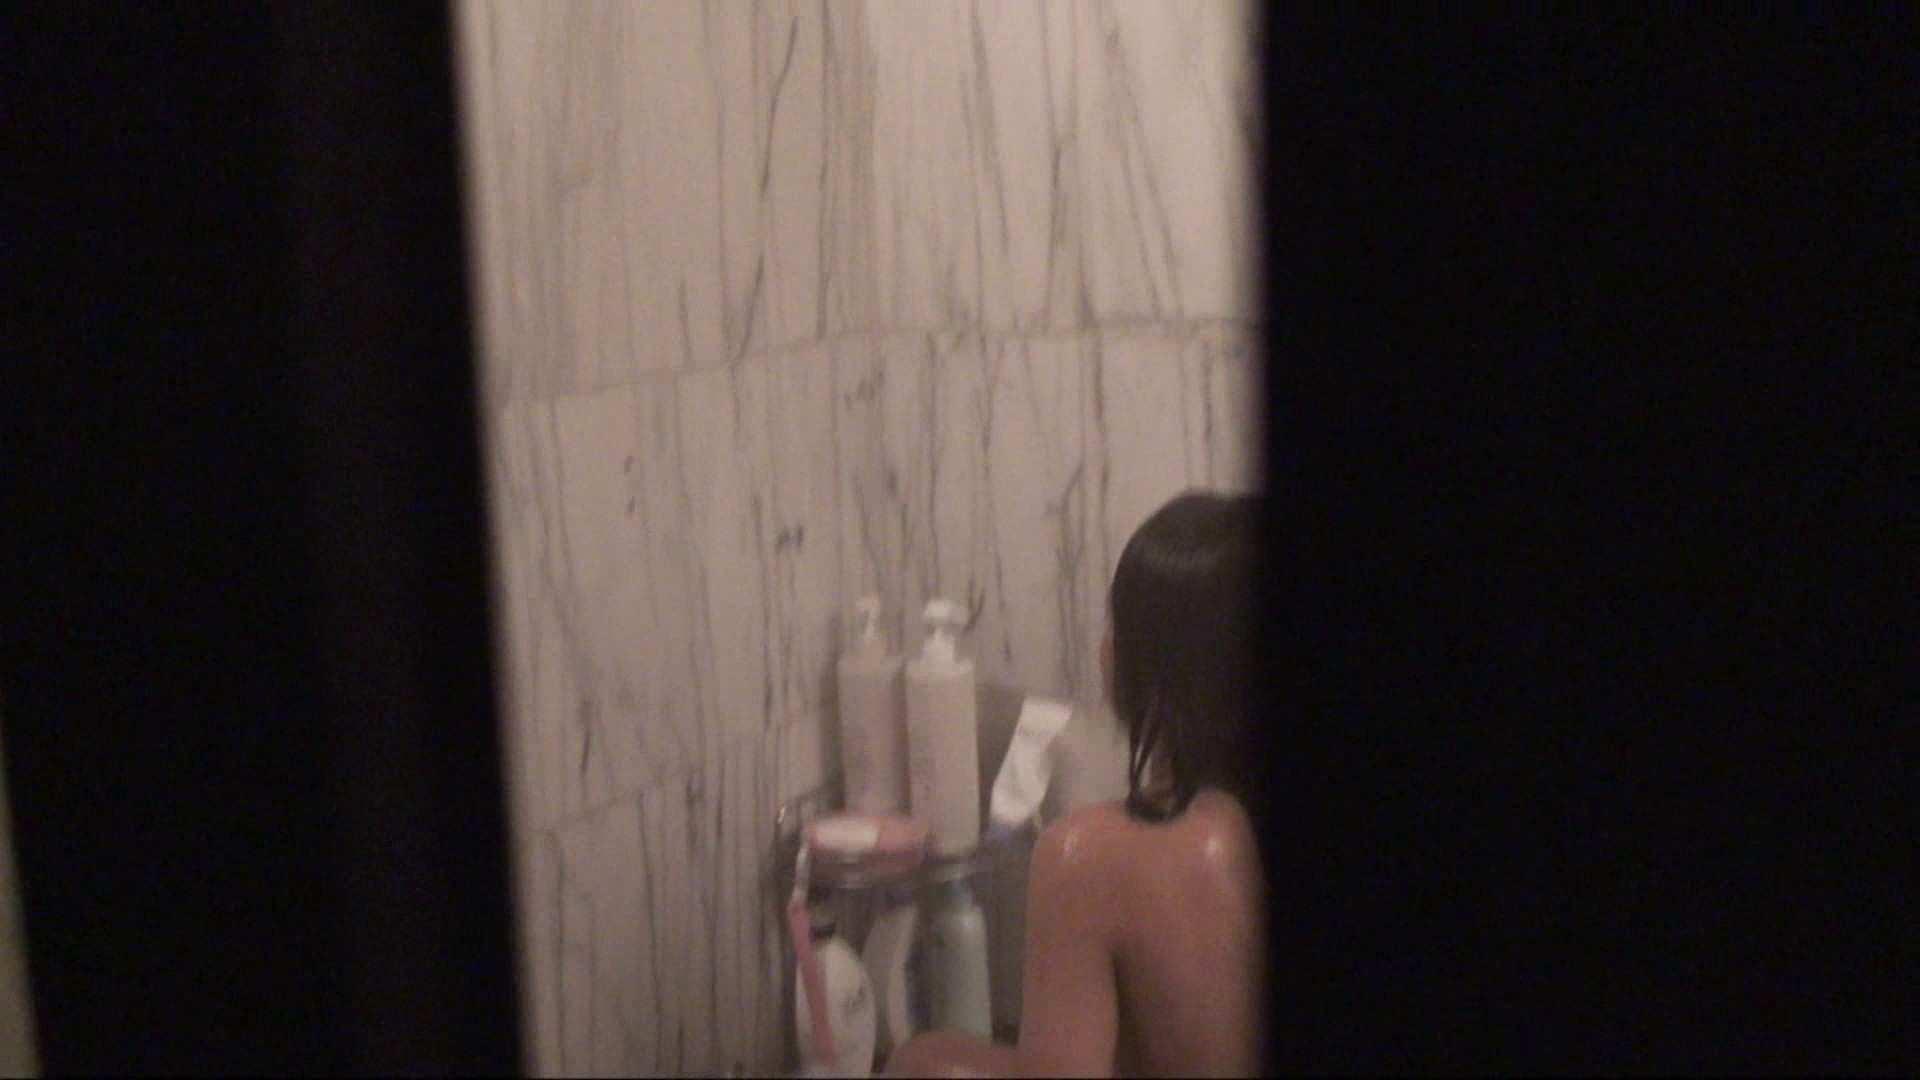 vol.03歌いながらつるつるのおっぱいを洗い流す彼女!近すぎてバレちゃた!? 隠れた名作 オマンコ無修正動画無料 72画像 33